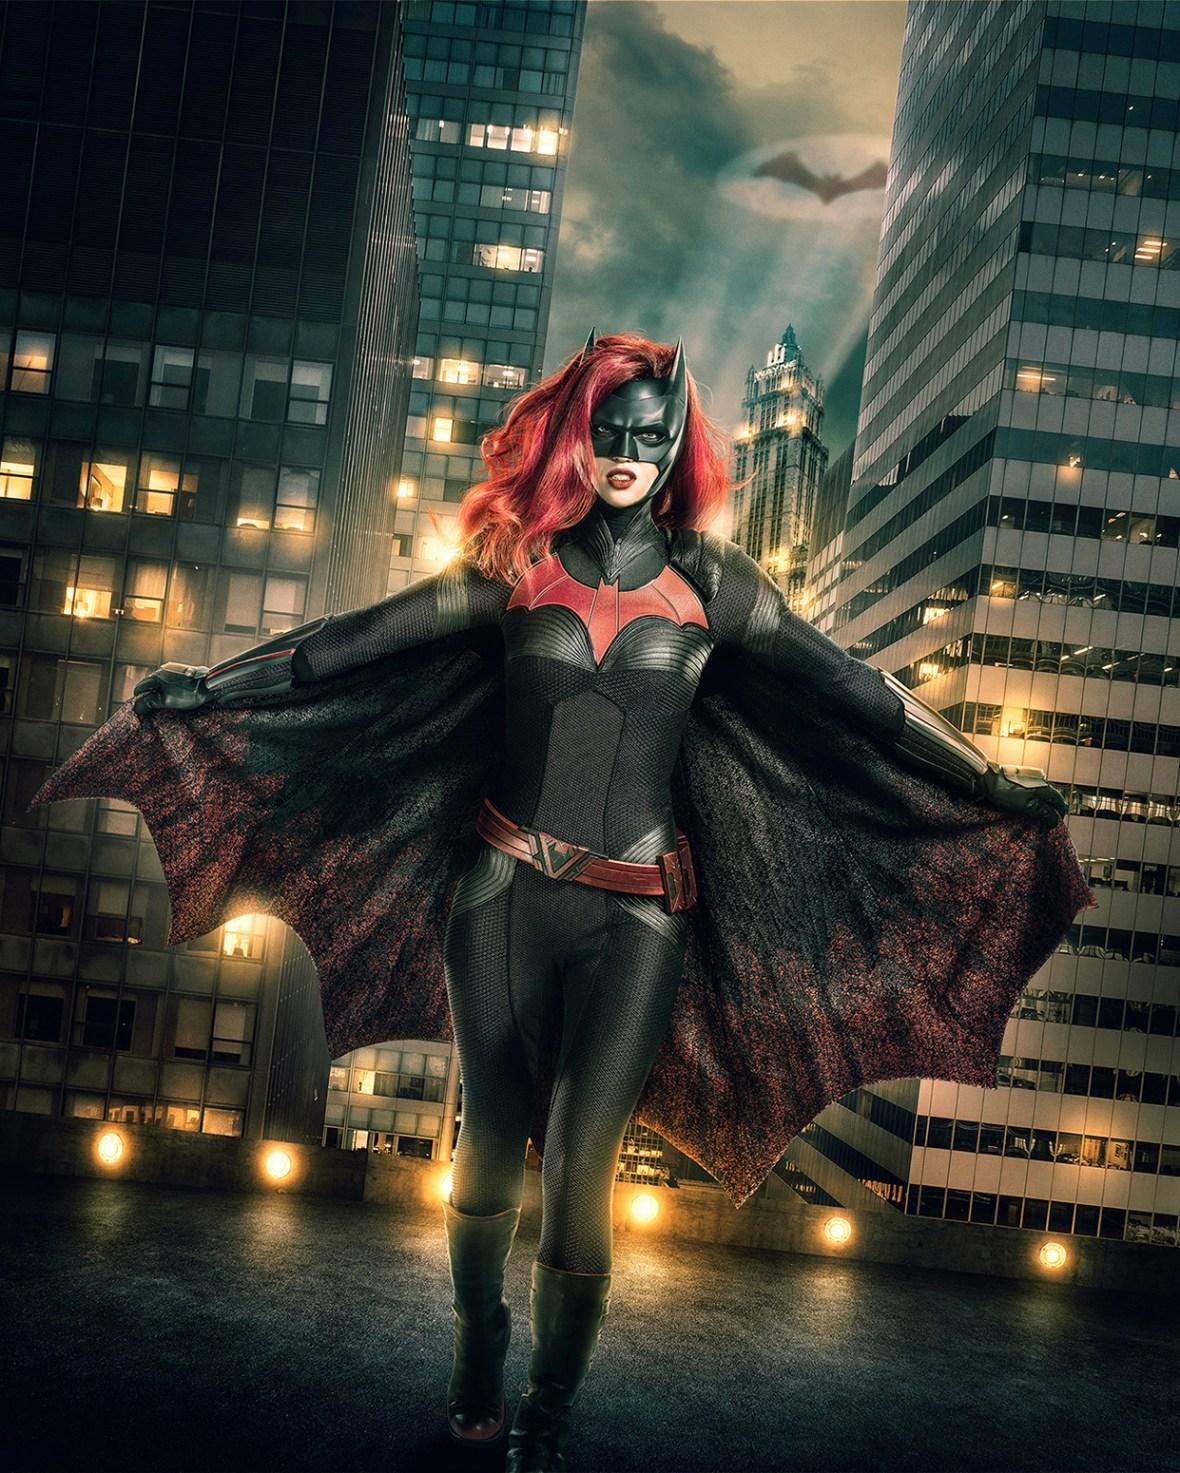 rubyrose-batwoman-cw